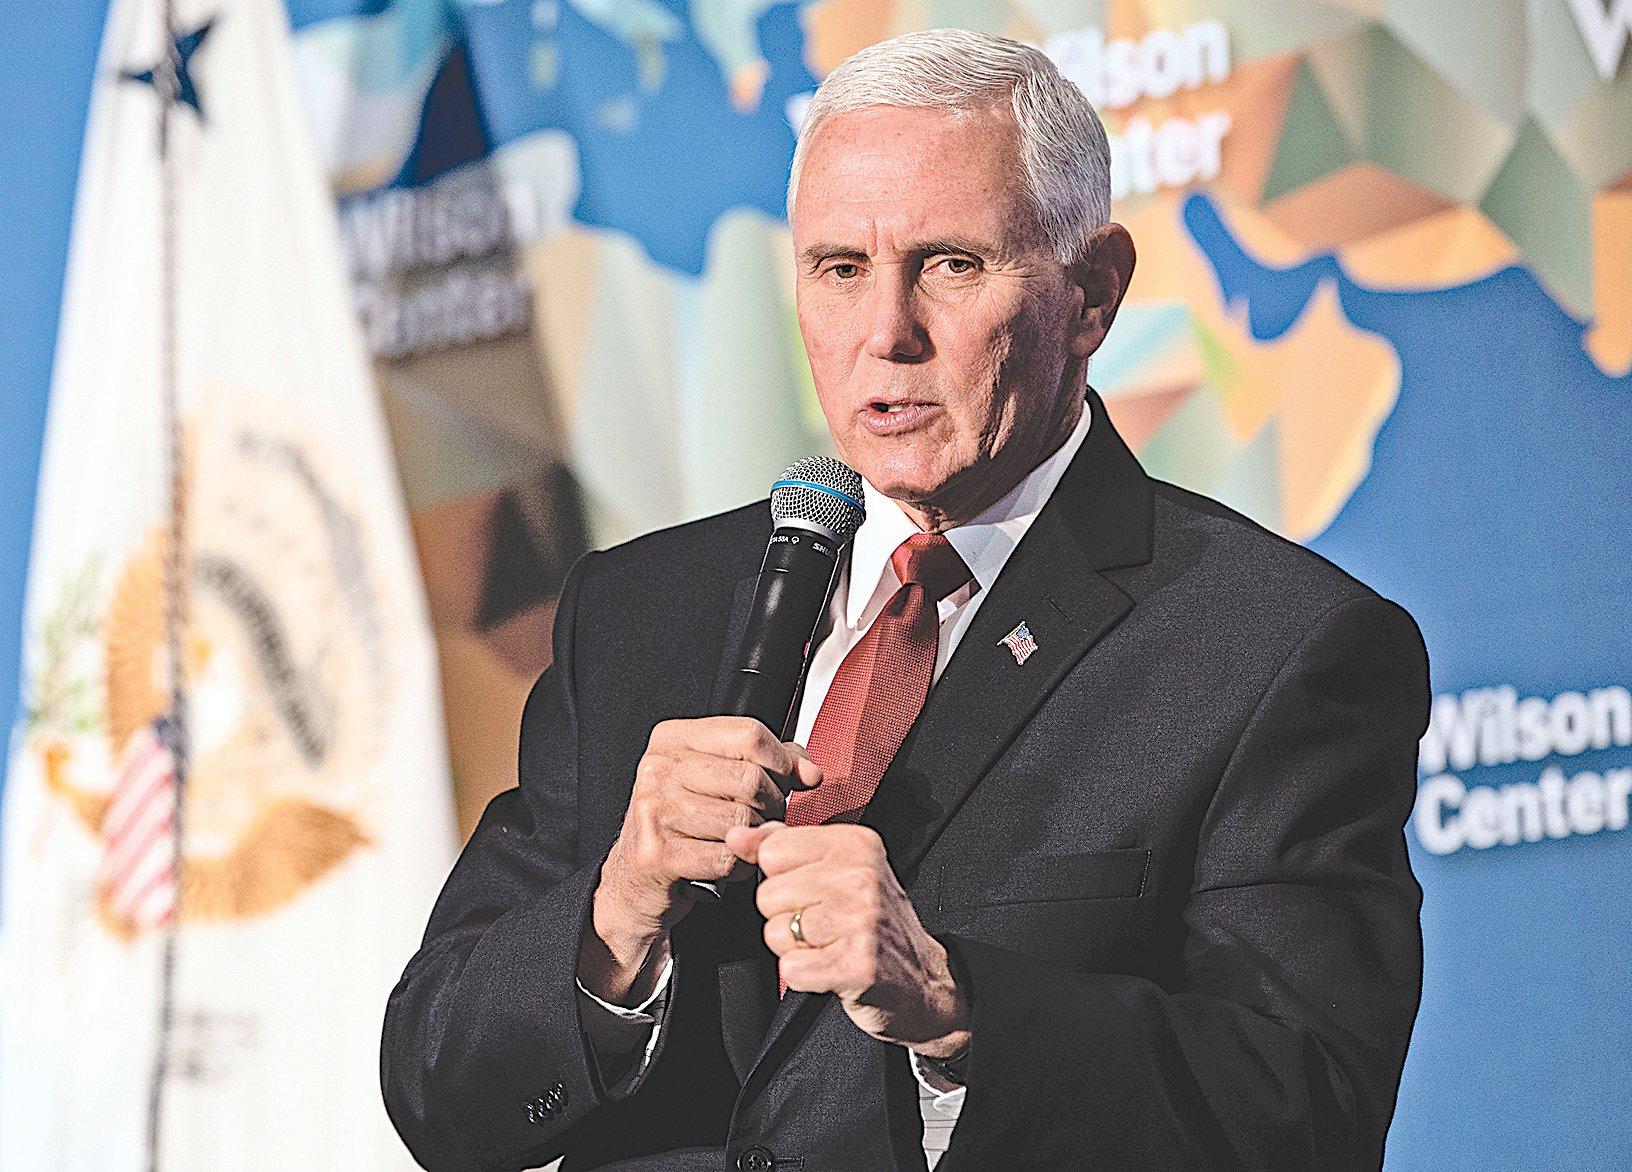 美國副總統彭斯演講(圖)揭示,中美對抗重點將側重普世價值的堅守。(AFP)